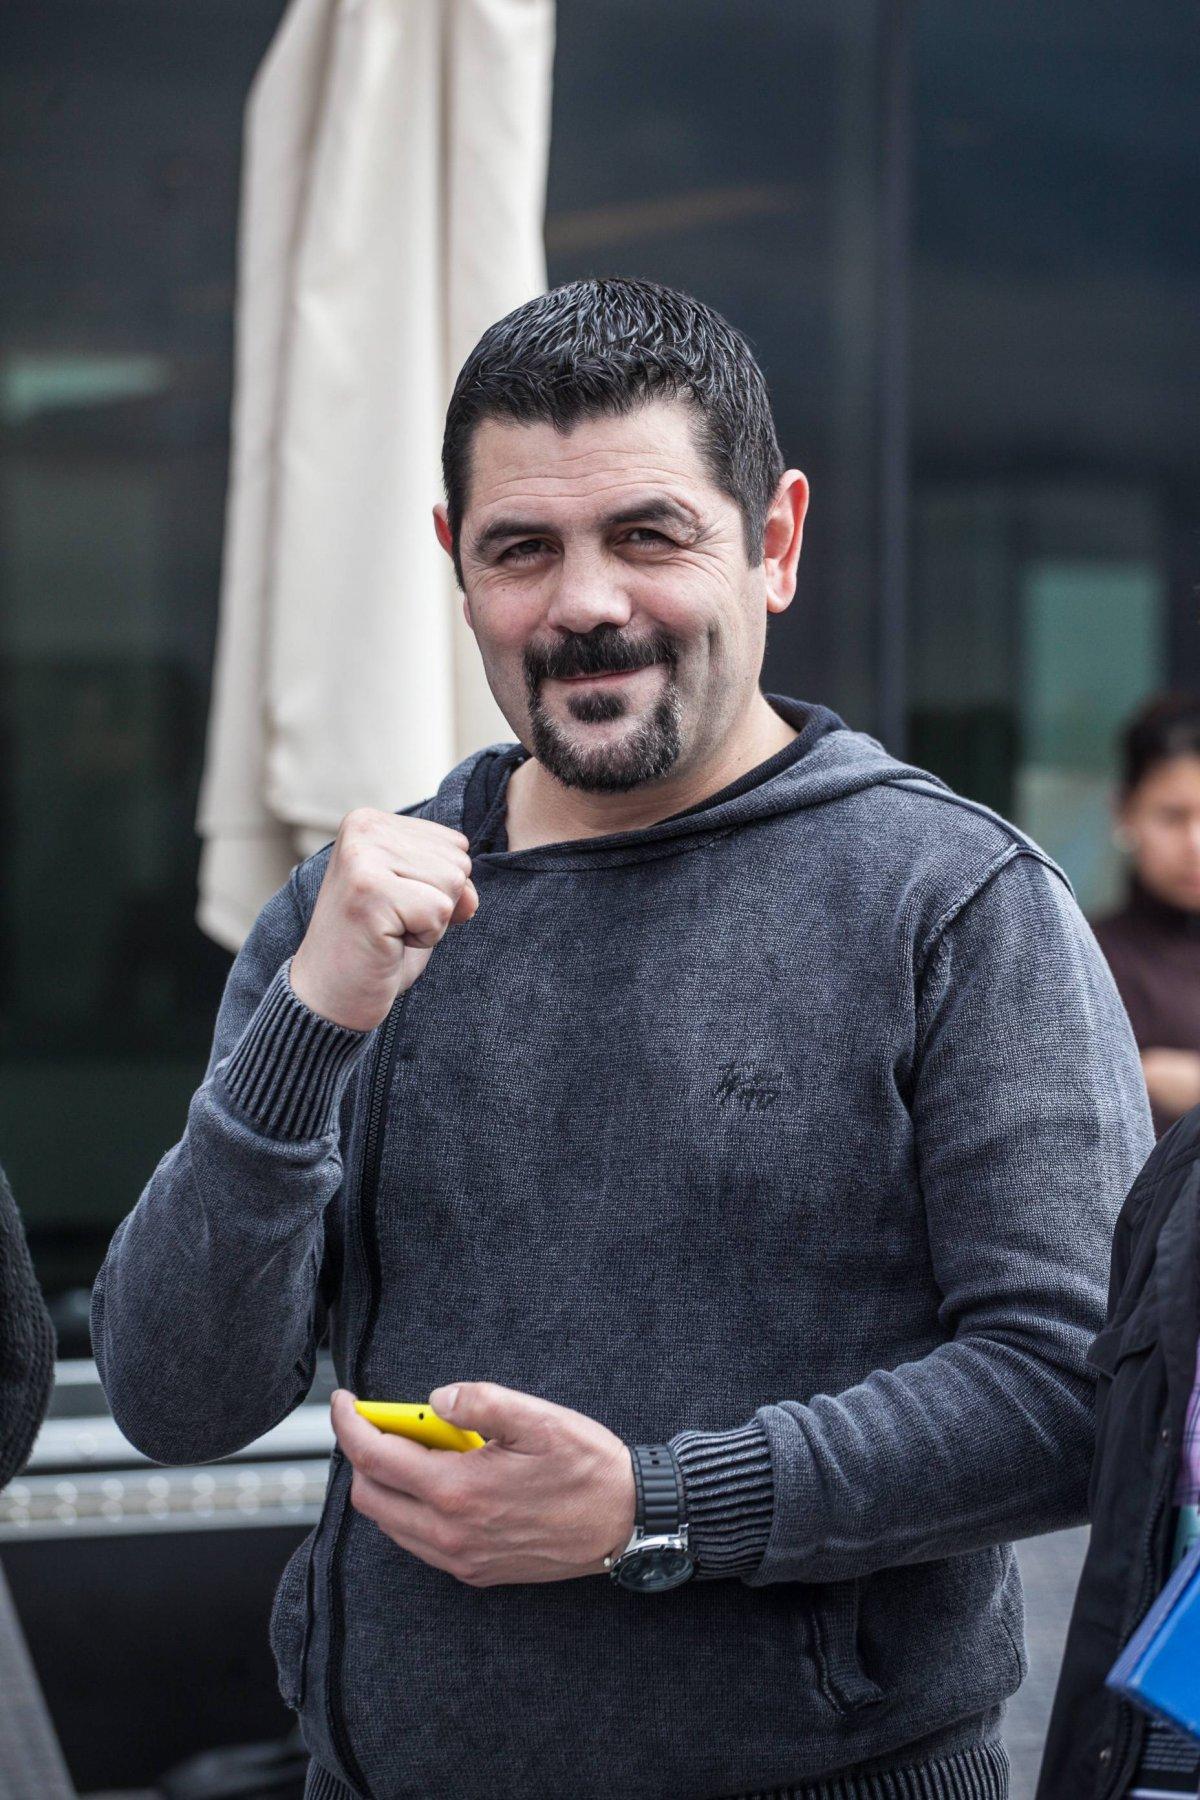 Carlos Cruzat (Agencia Uno)